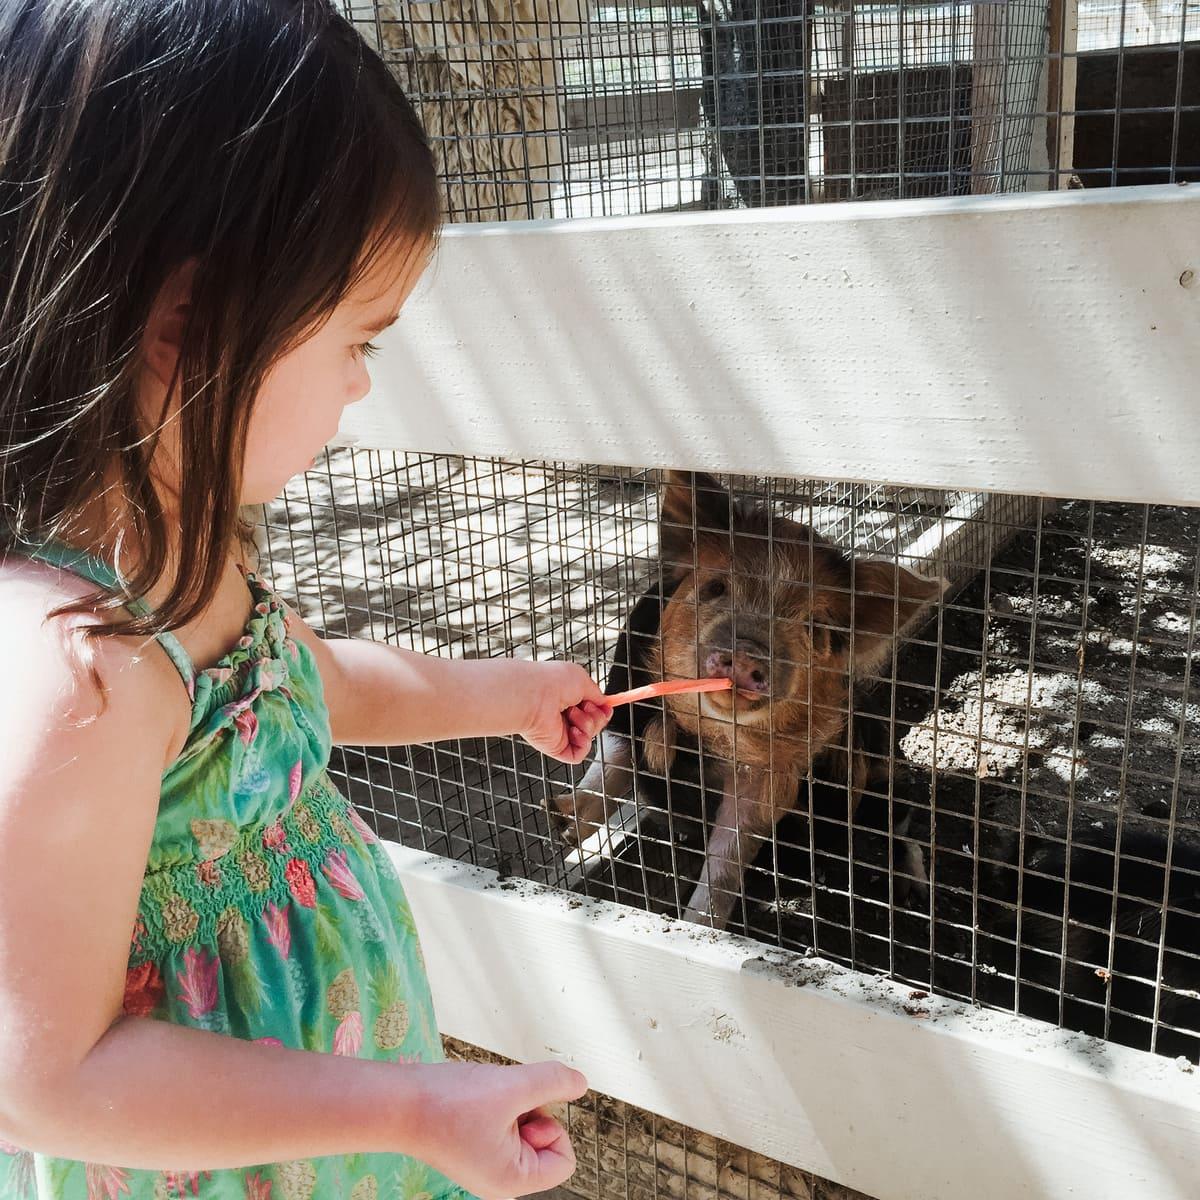 Zoomars - fun petting zoo for kids in Orange County